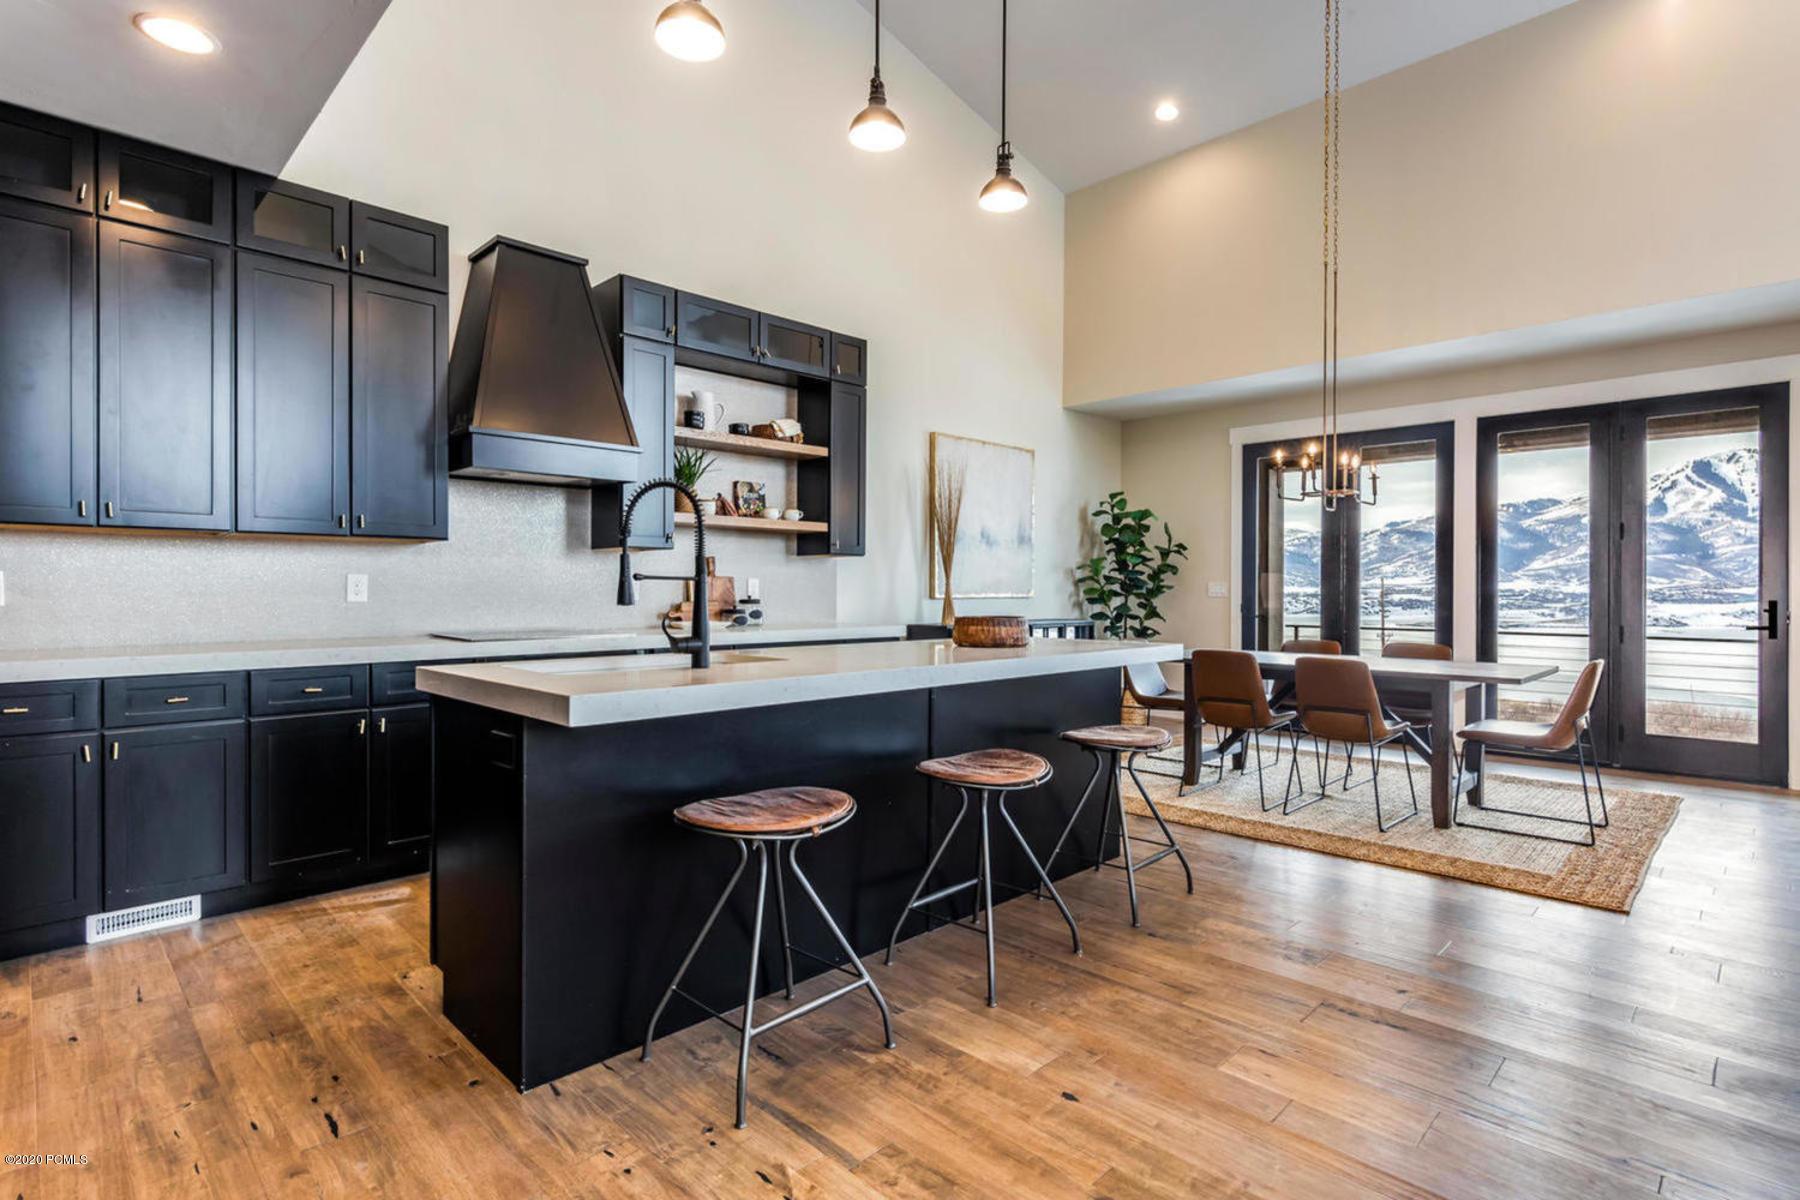 369 Overlook Loop, Lot 21, Hideout, Utah 84036, 3 Bedrooms Bedrooms, ,4 BathroomsBathrooms,Condominium,For Sale,Overlook Loop, Lot 21,12002873